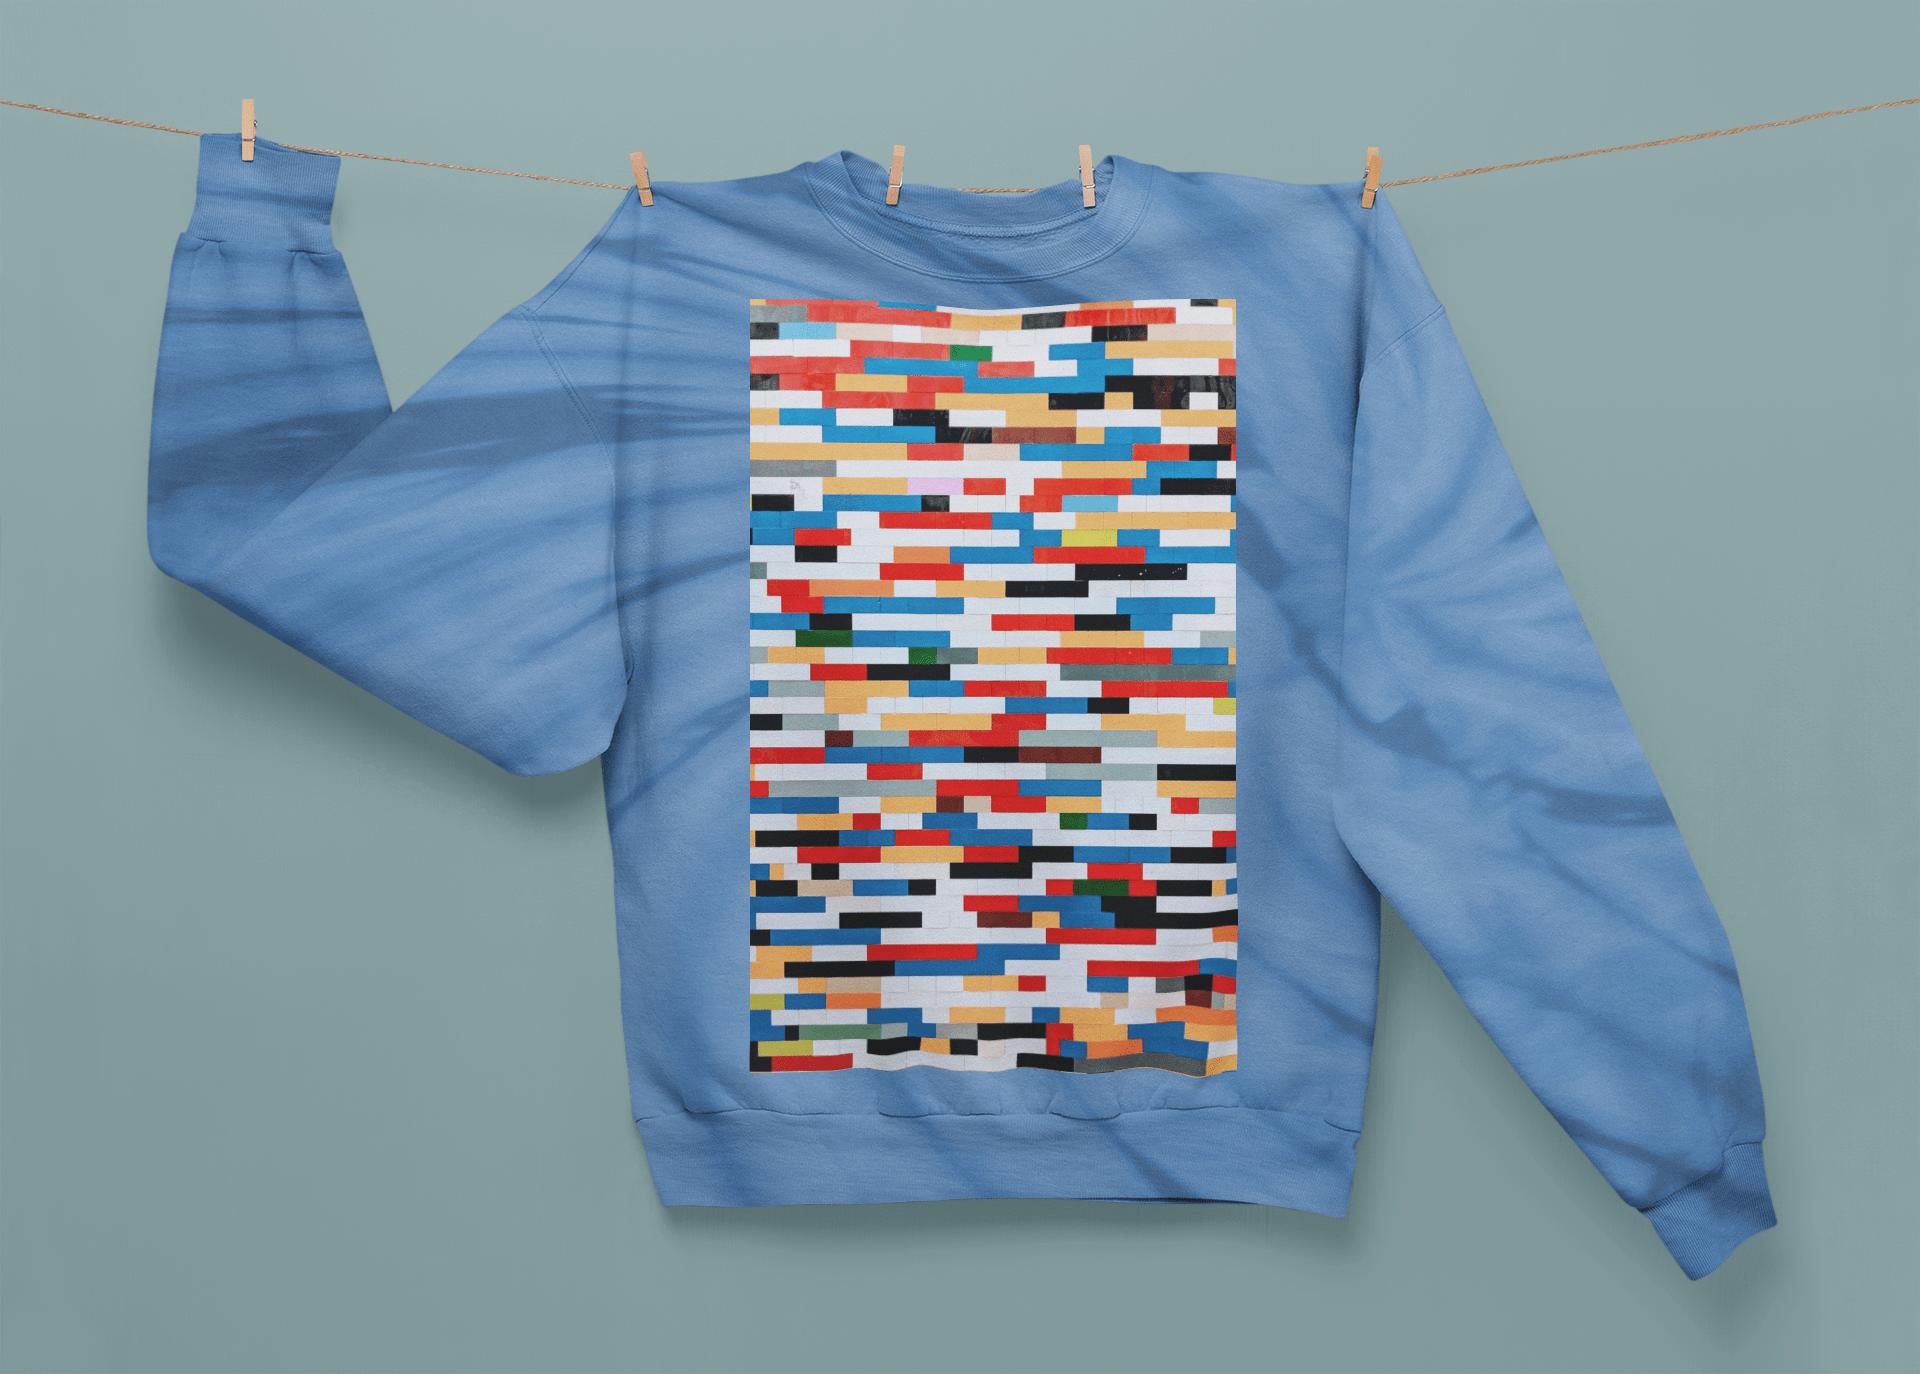 Hanging Sweatshirt Mockup